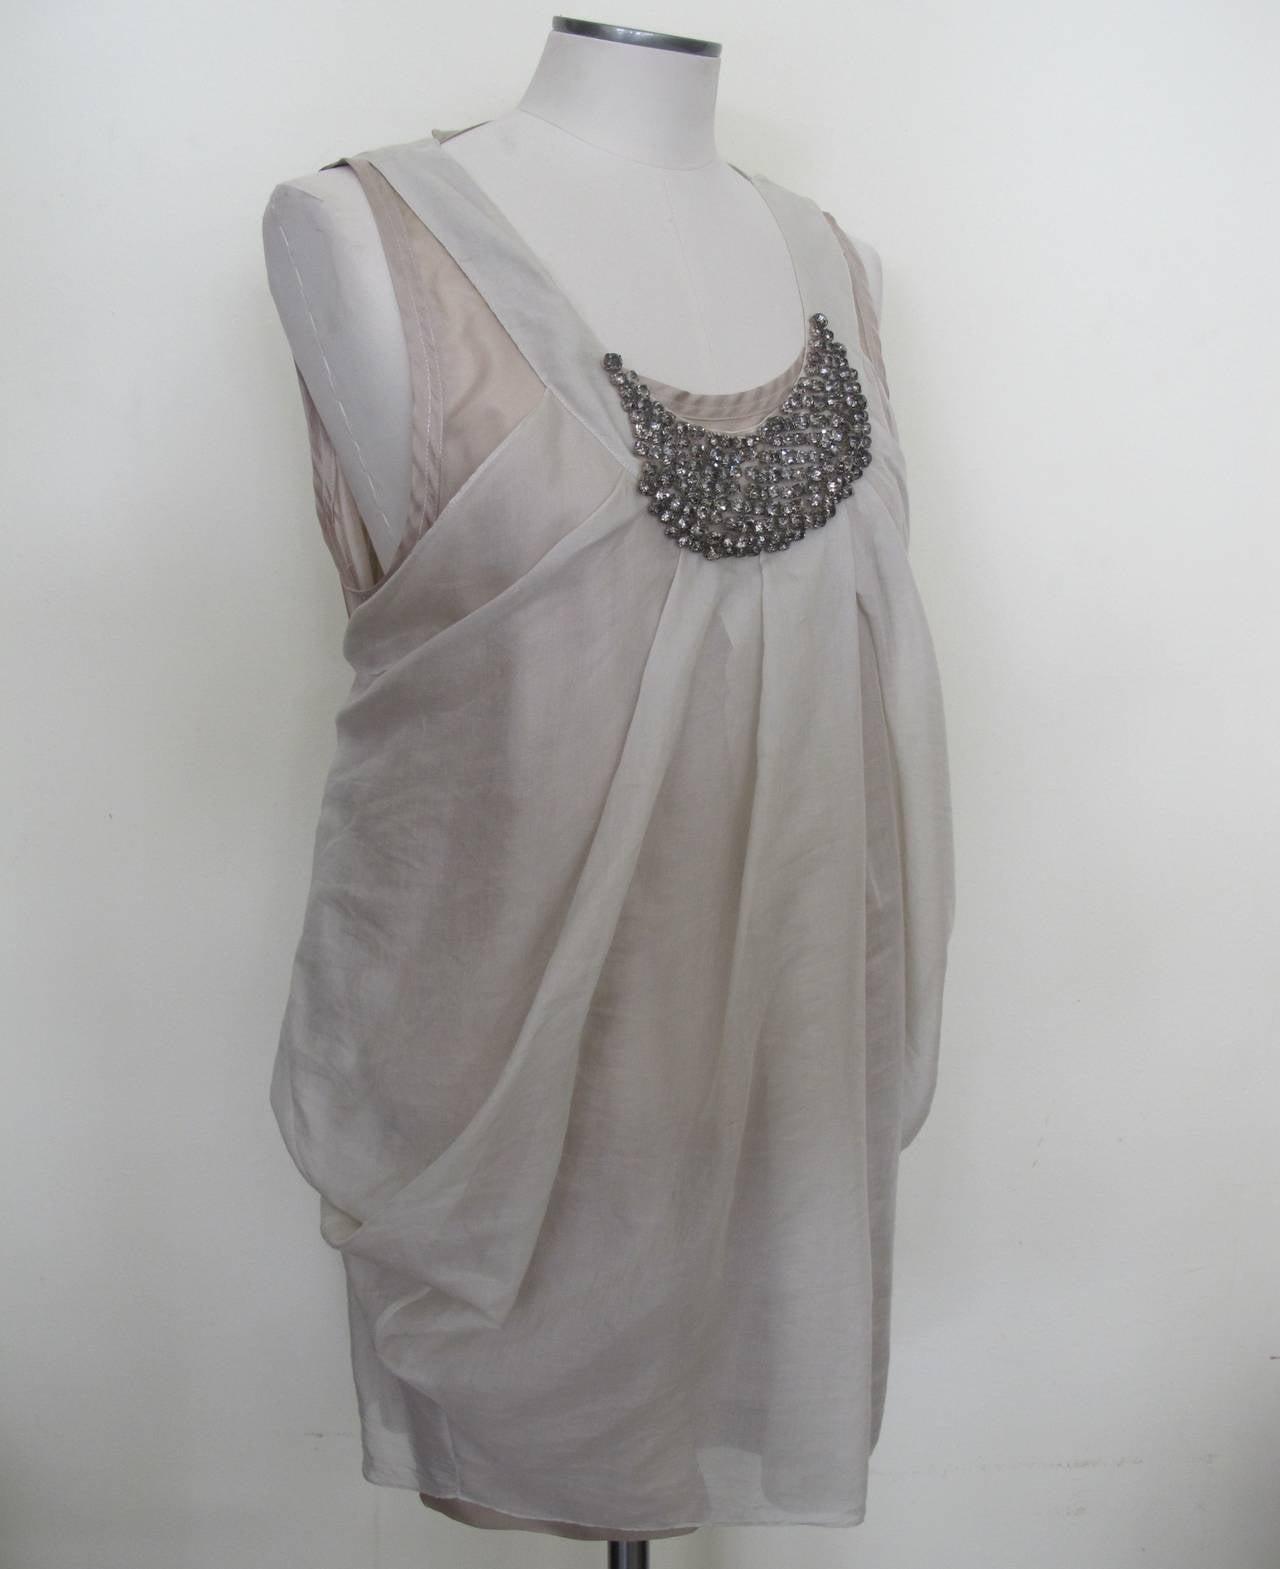 Vera Wang Light Taupe Jeweled Blouse 3